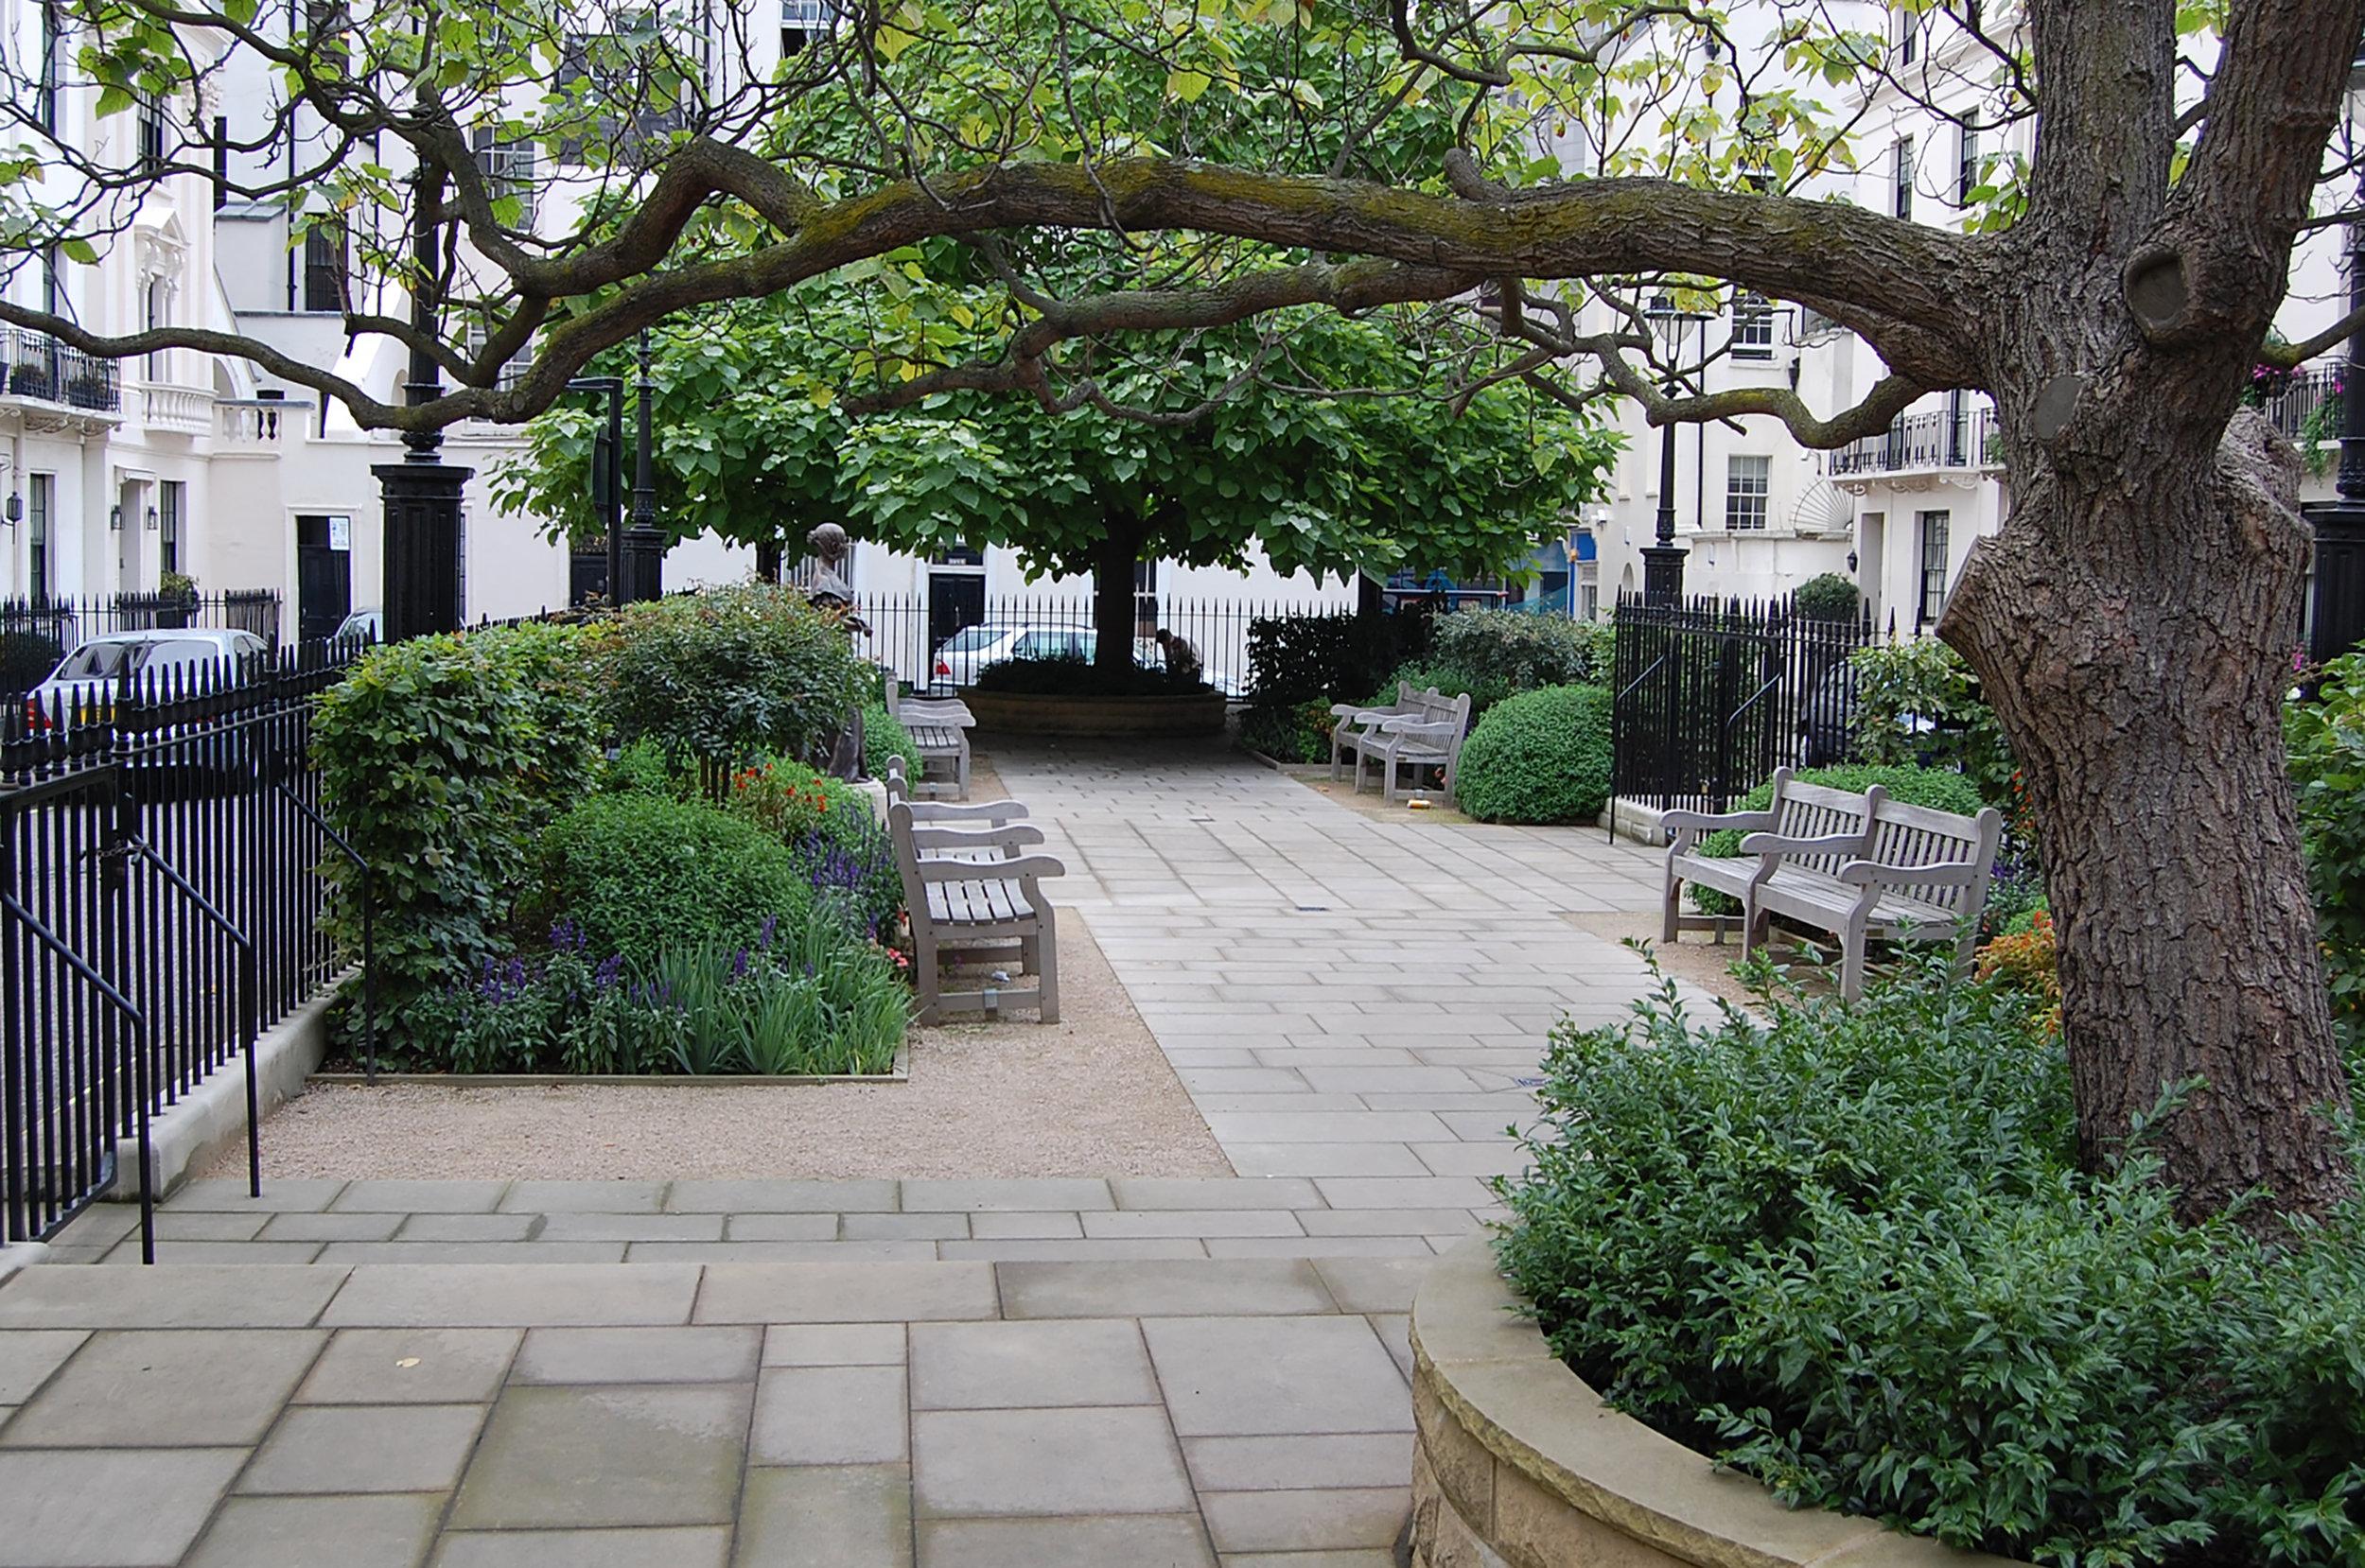 John Rich Architects Victoria Square 2